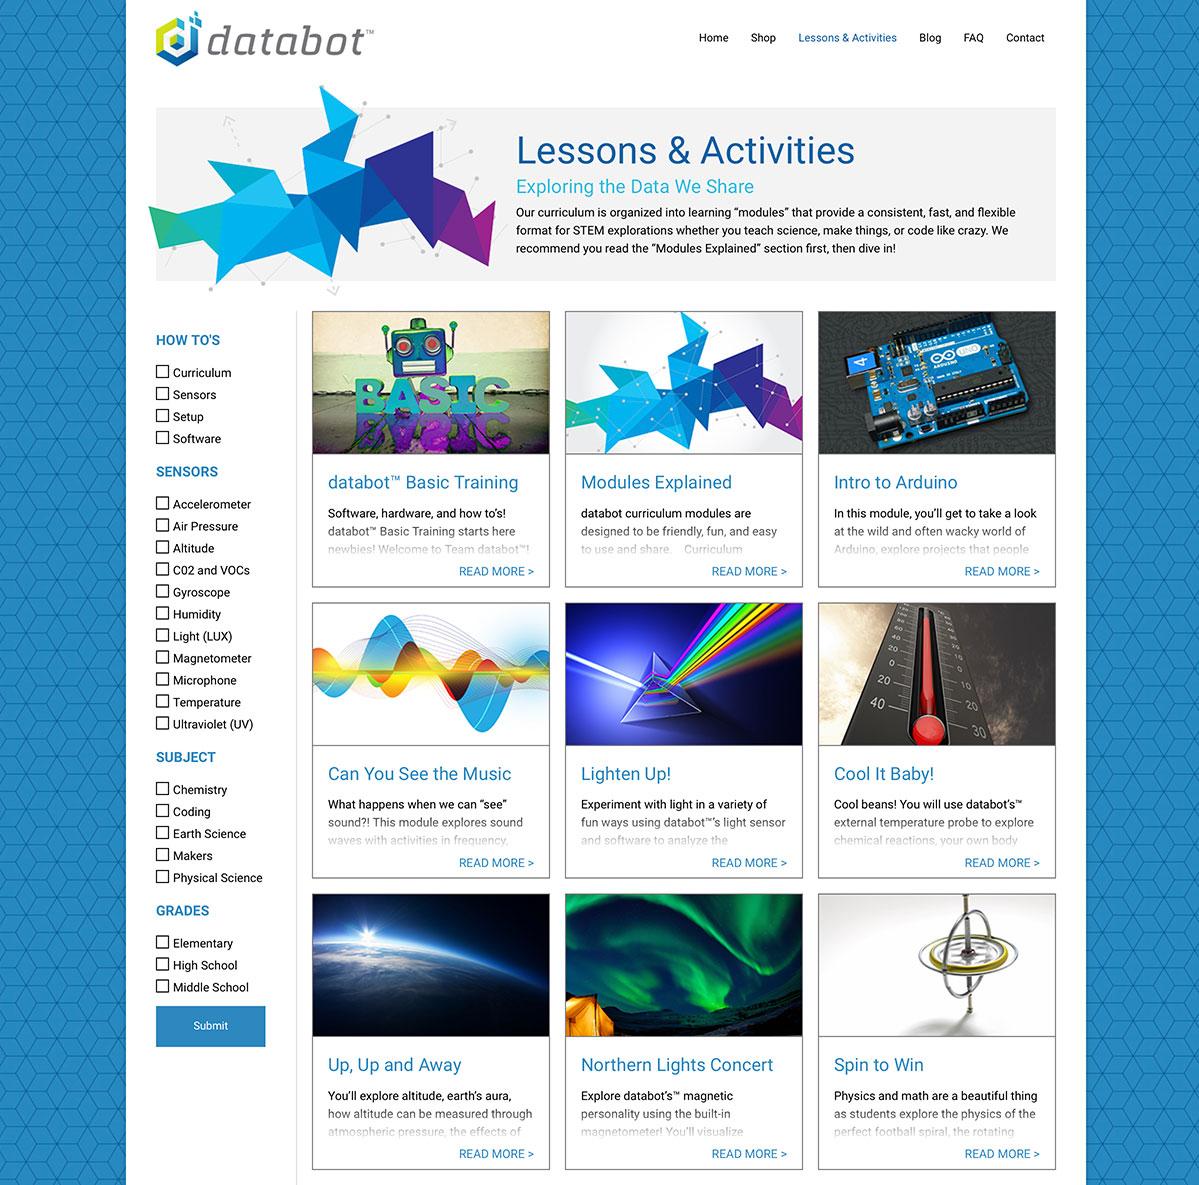 databot site